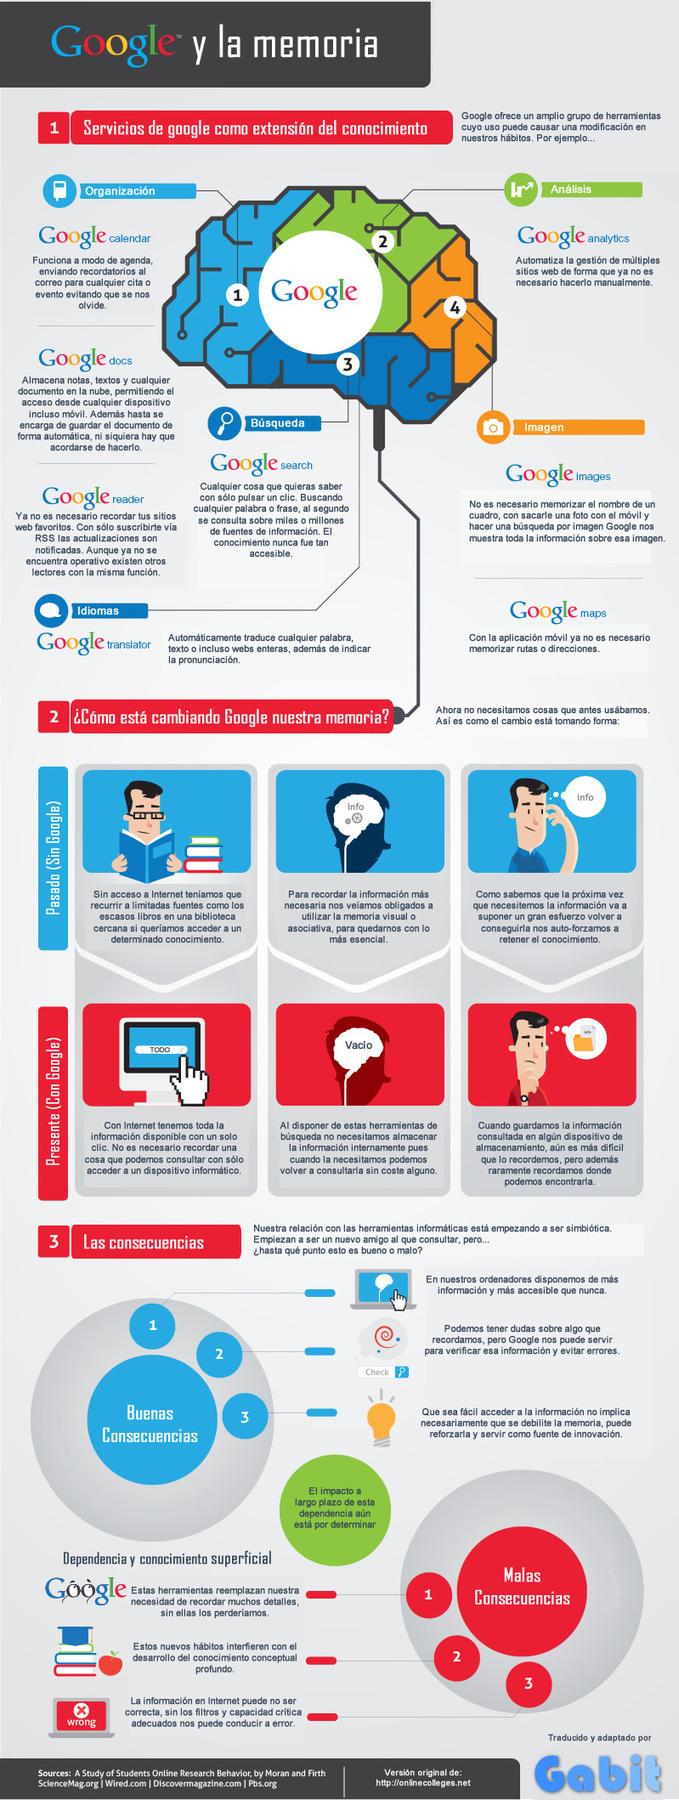 ¿Cómo afecta Internet a la memoria? Google como ejemplo (Infografía) | Gabit